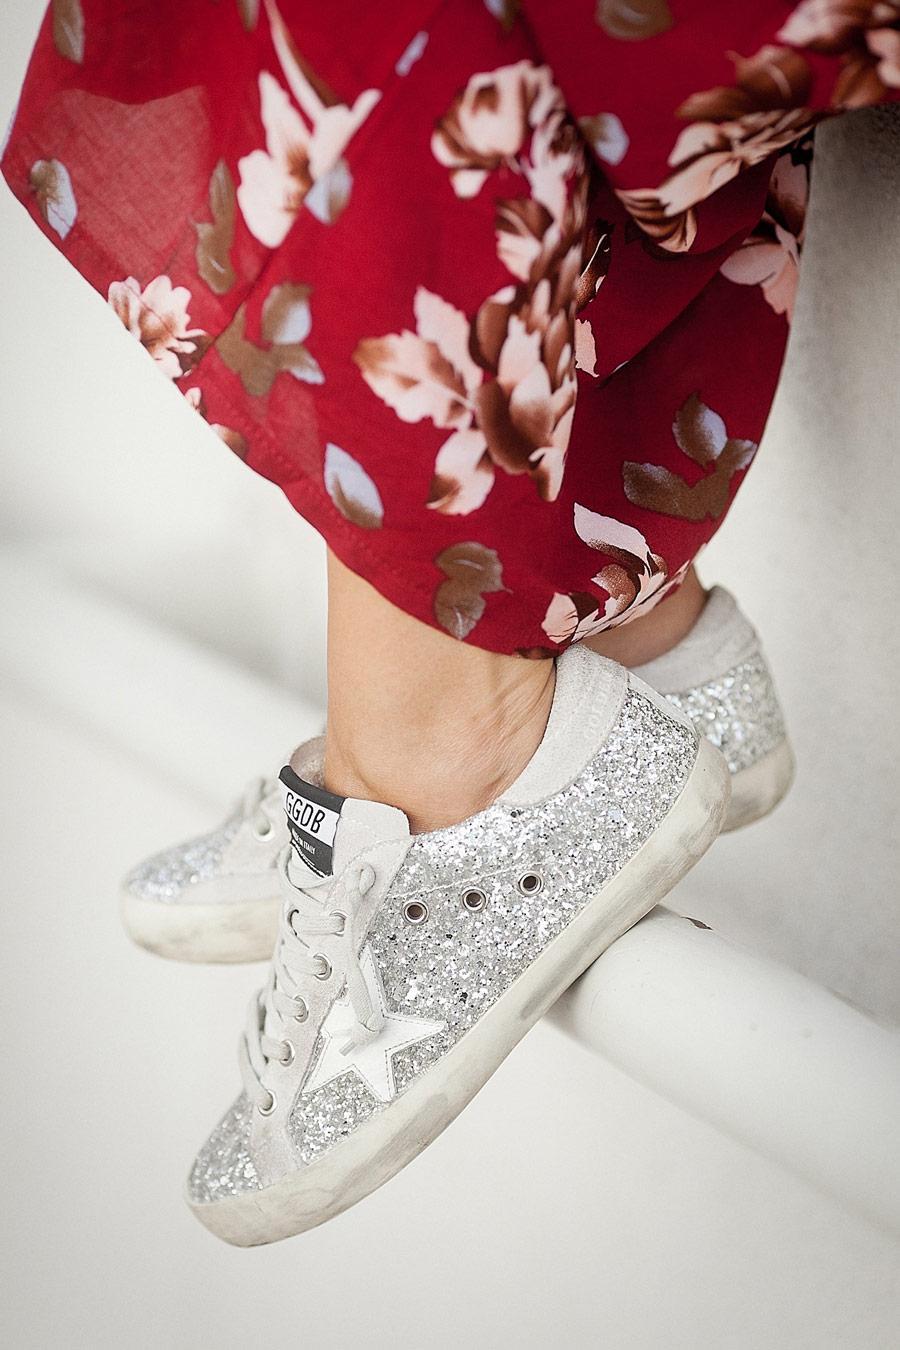 golden goose deluxe brand sneakers,